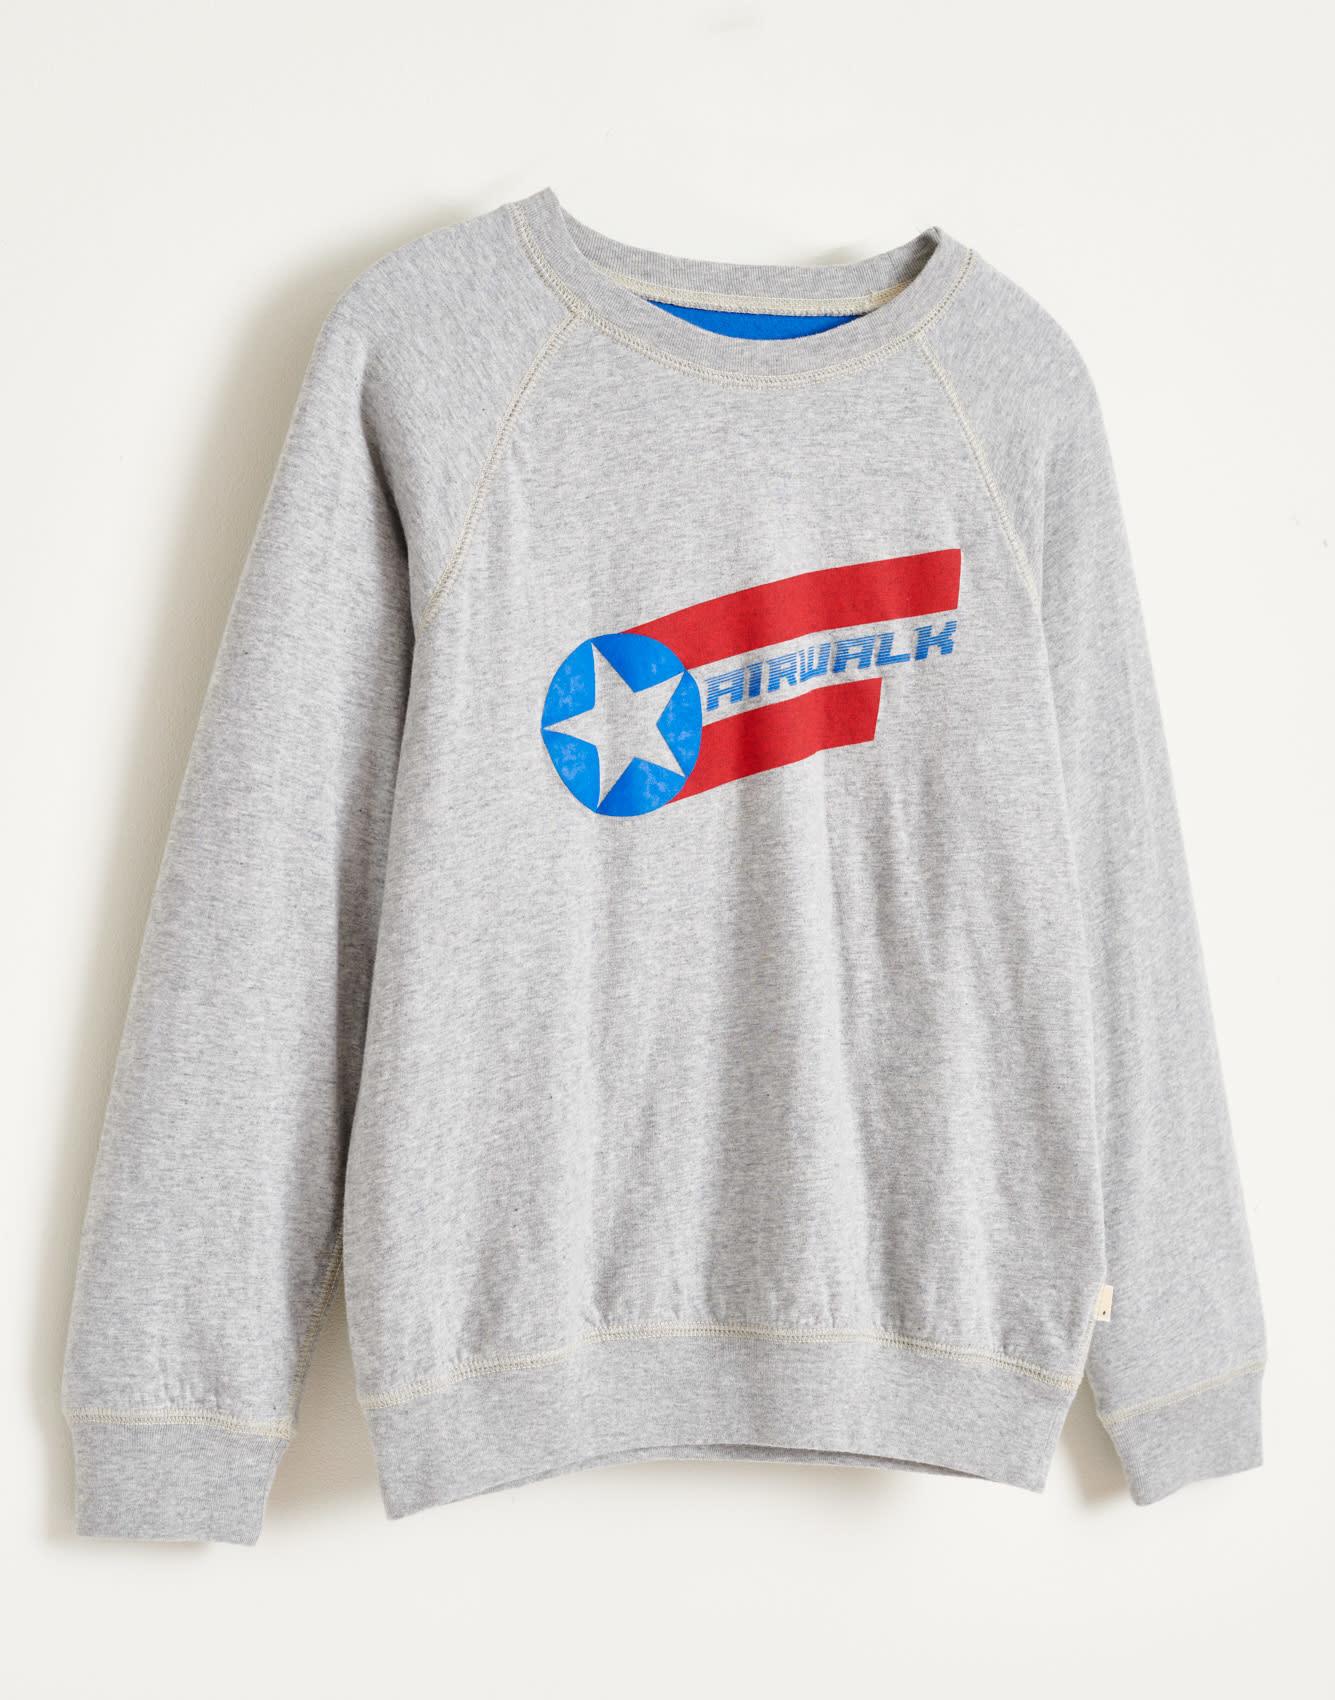 Maly sweatshirt combo-2